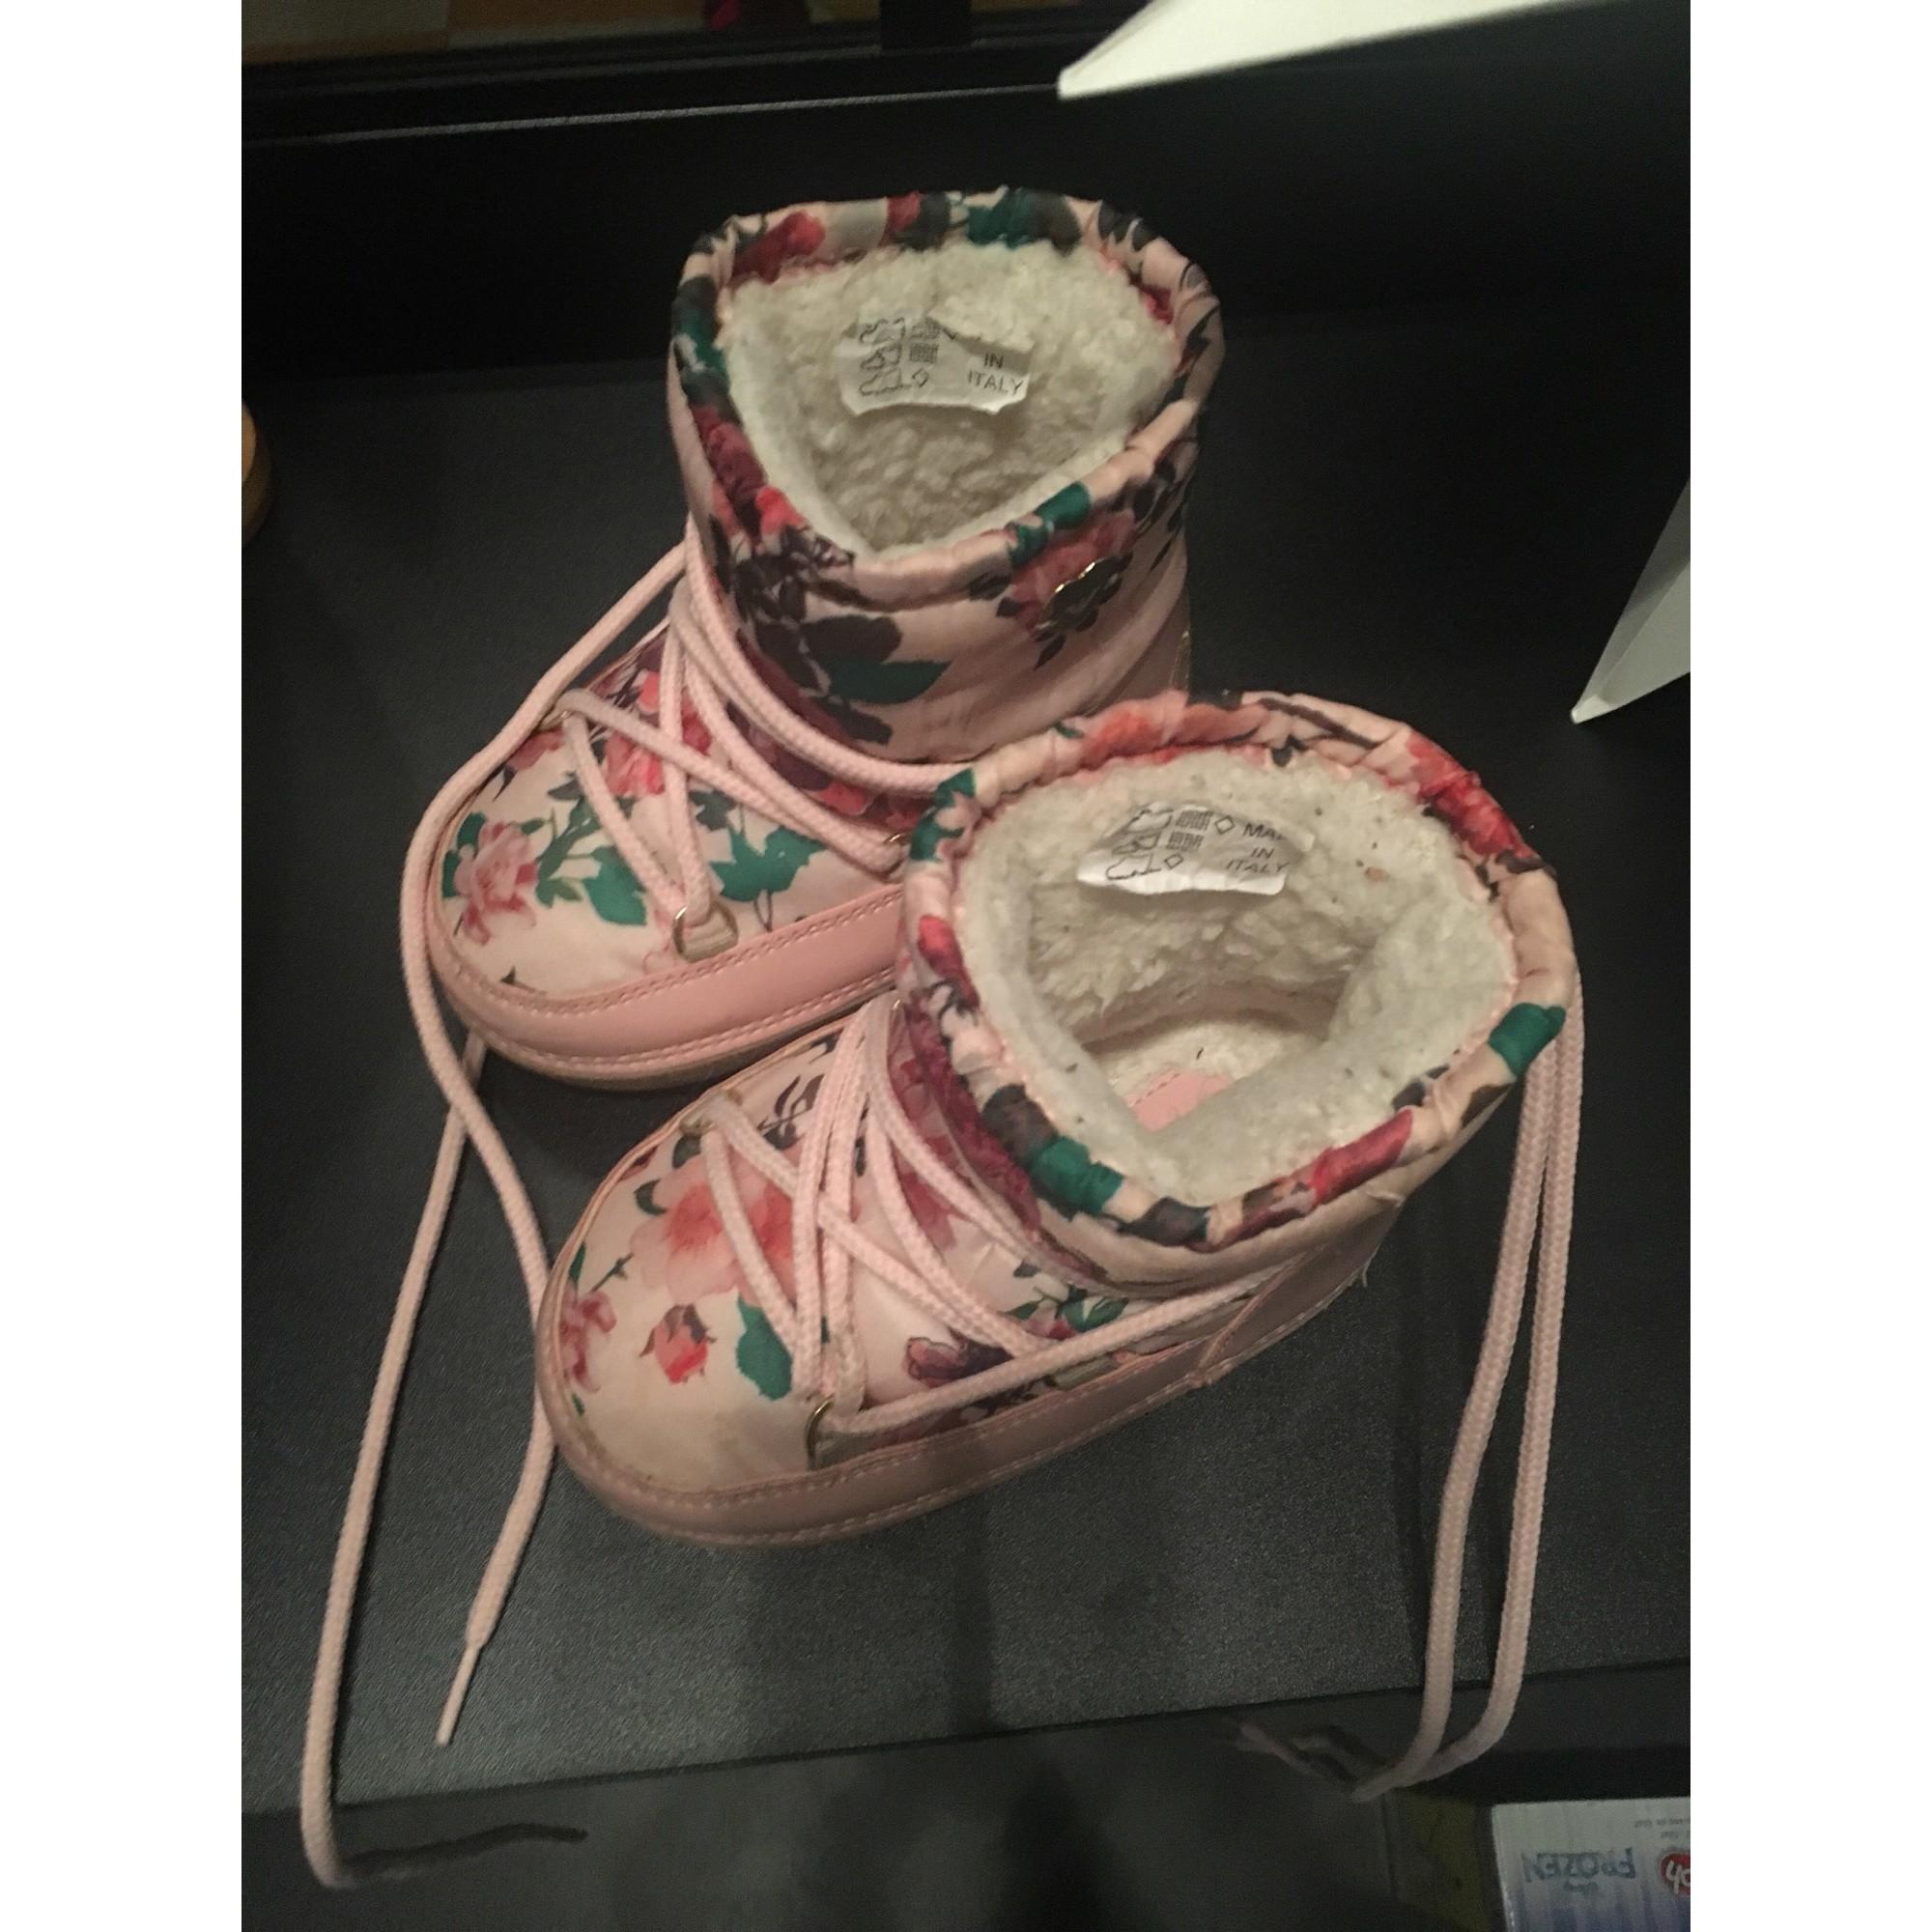 Bottes de neige EMPORIO ARMANI synthétique rose 26